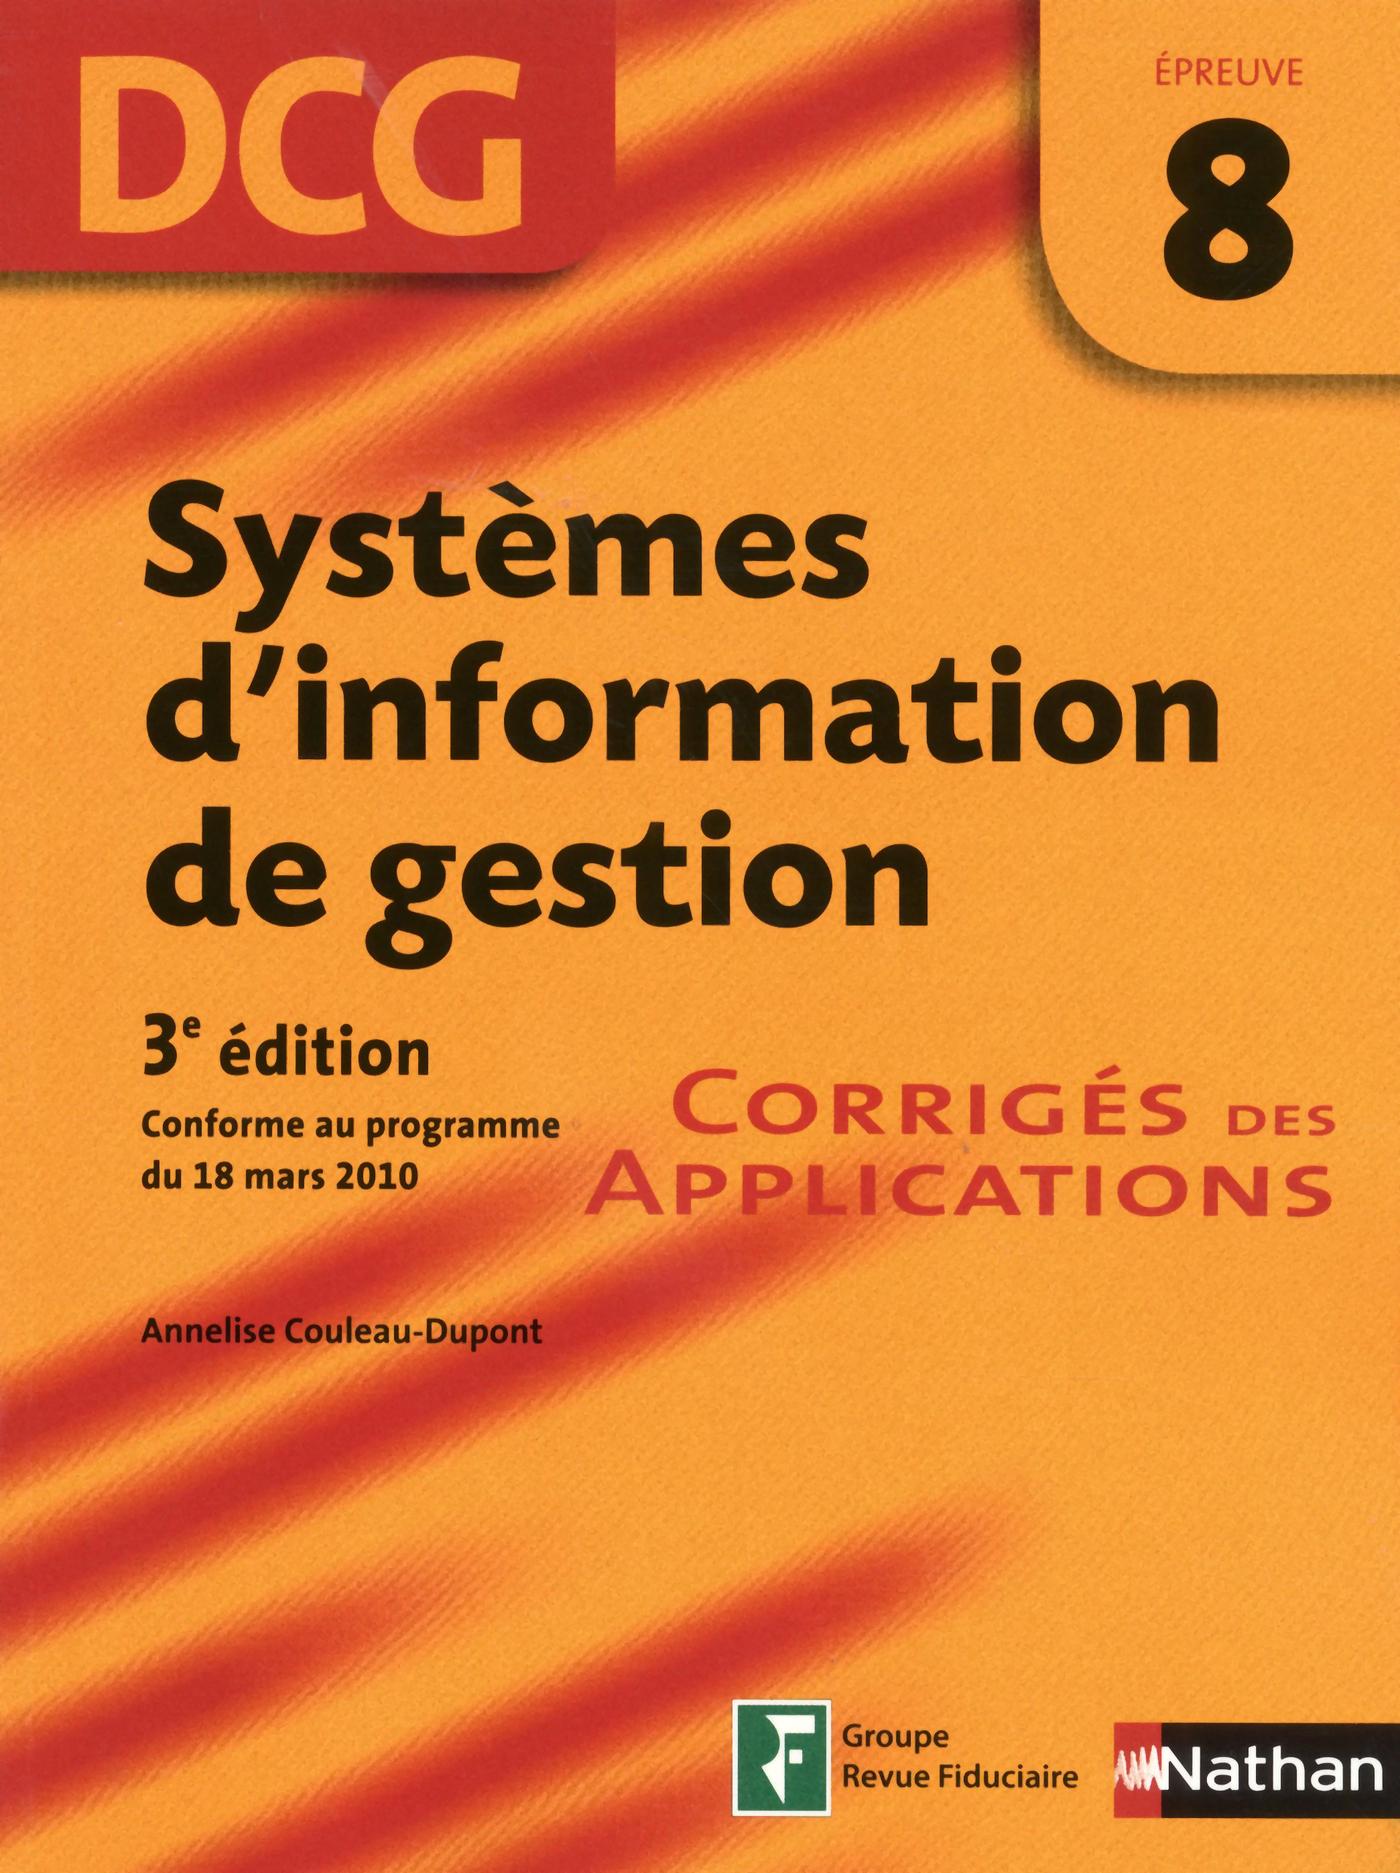 Systèmes d'information de gestion - Epreuve 8 DCG - Corriges des applications